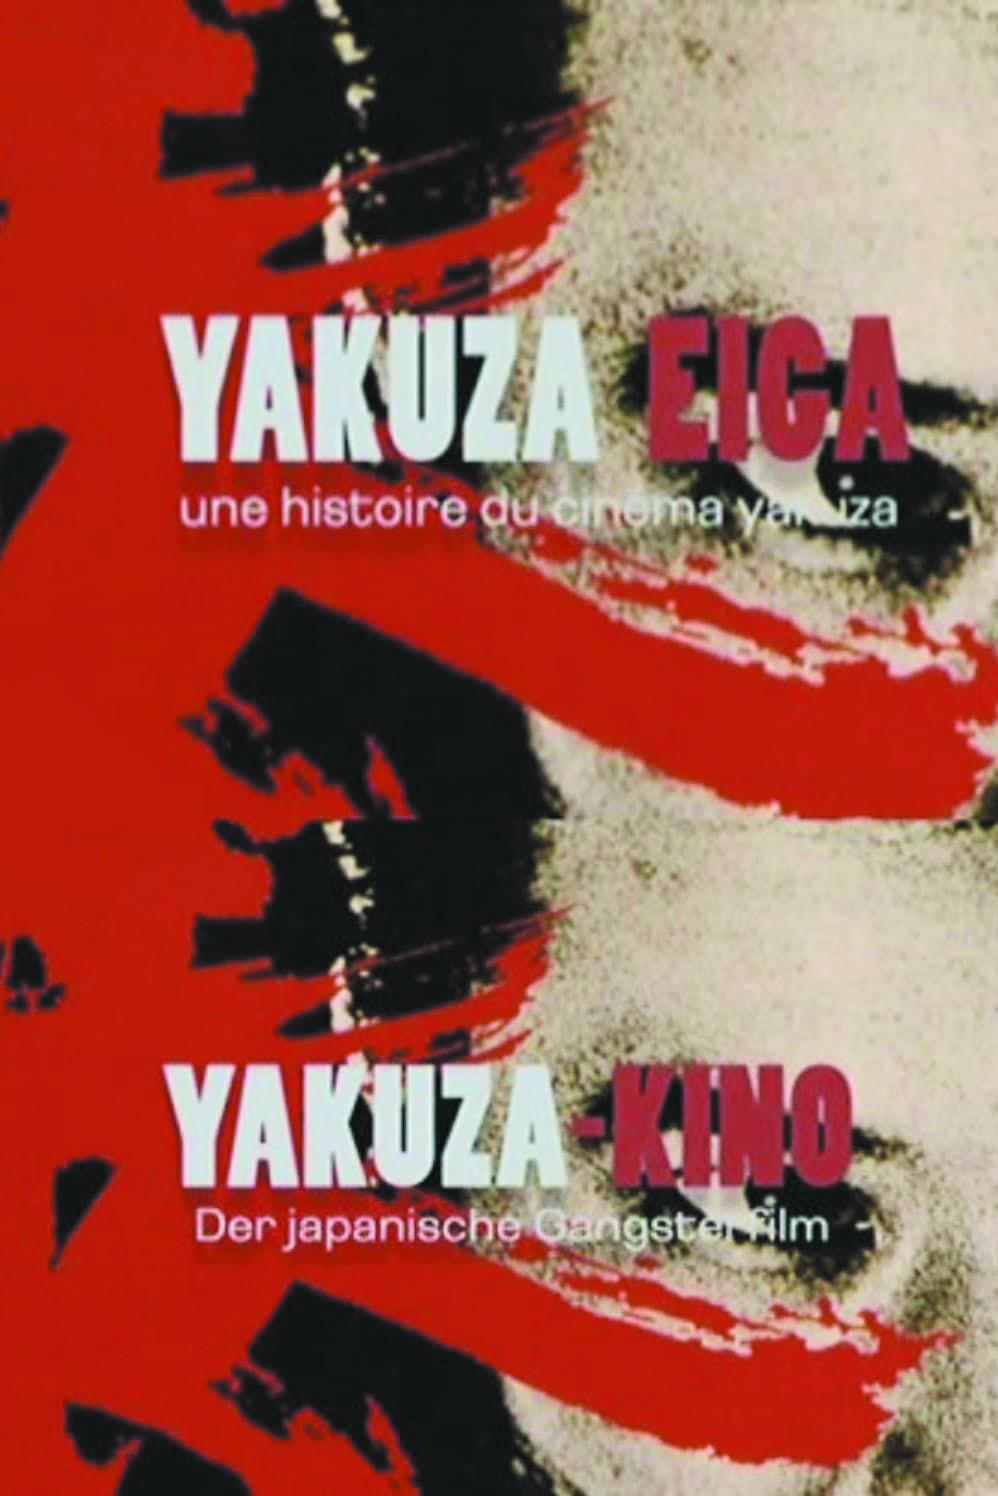 Cycle Yakuzas-Soirée en présence d'Yves Montmayeur le Dimanche 23 Février 2020 à partir de 17h00 à la Cinémathèque de Corse.